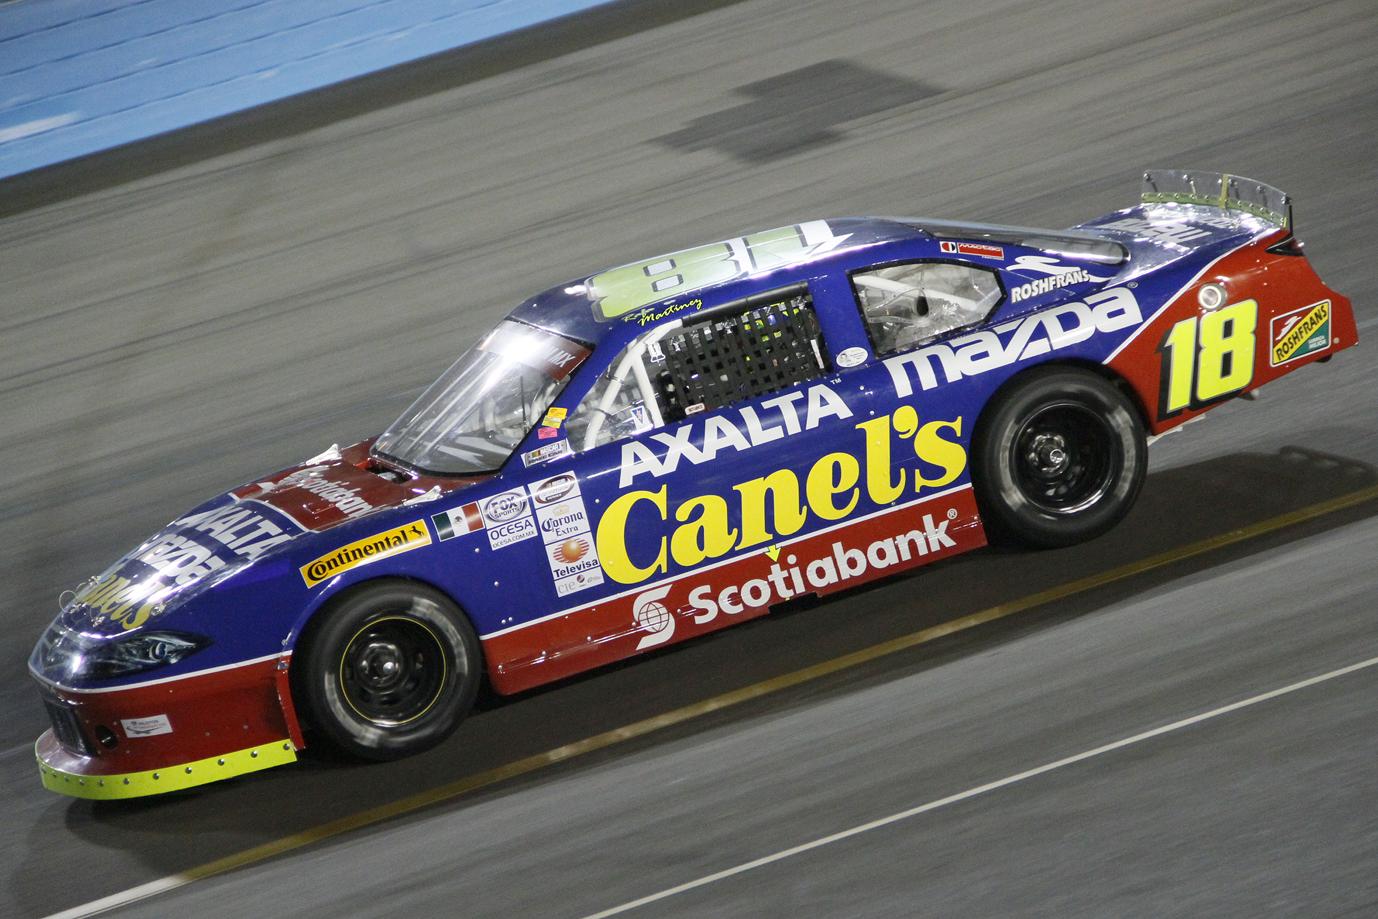 Rafael Martínez Busca Deshacer el Tabú de Canel´s Rasing en el AHR en la NASCAR MEXICO